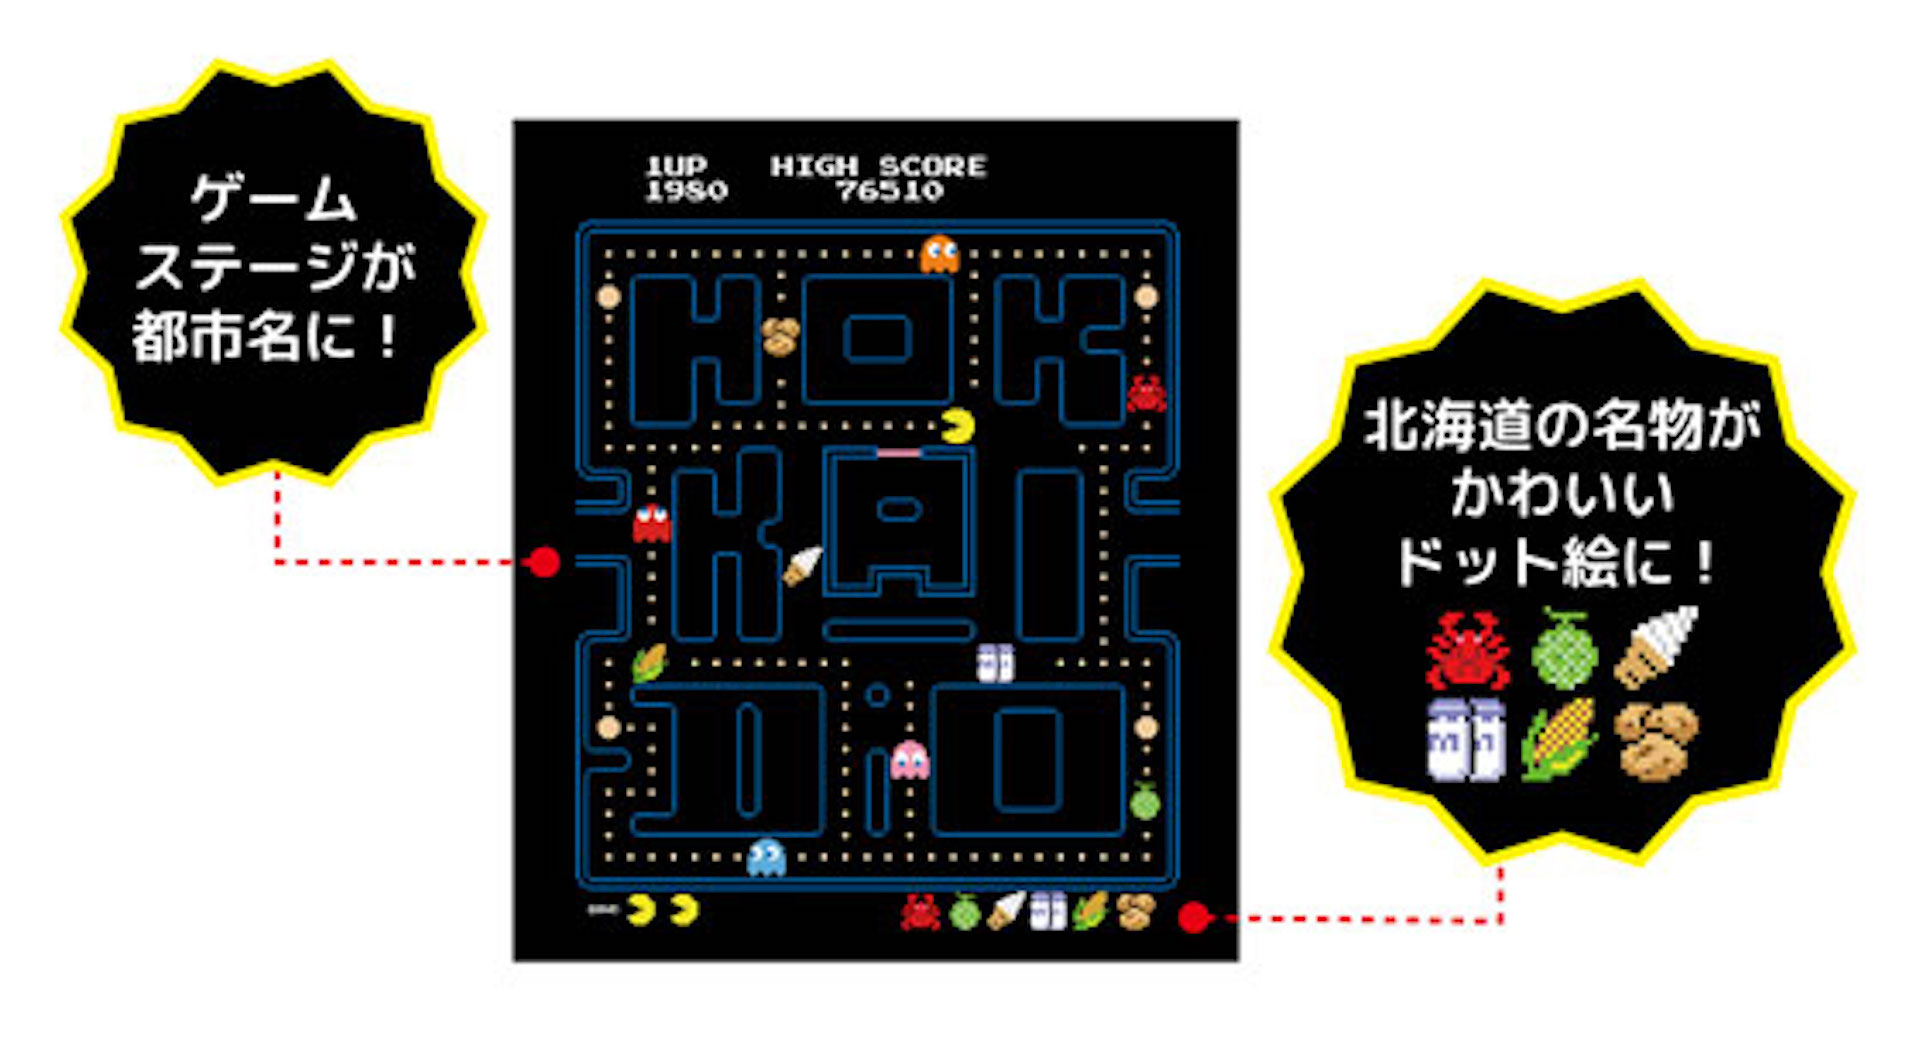 【 新商品!再入荷!】「 HOKKAIDO 」ご当地パックマンシリーズ 先行予約受付方法のご案内。